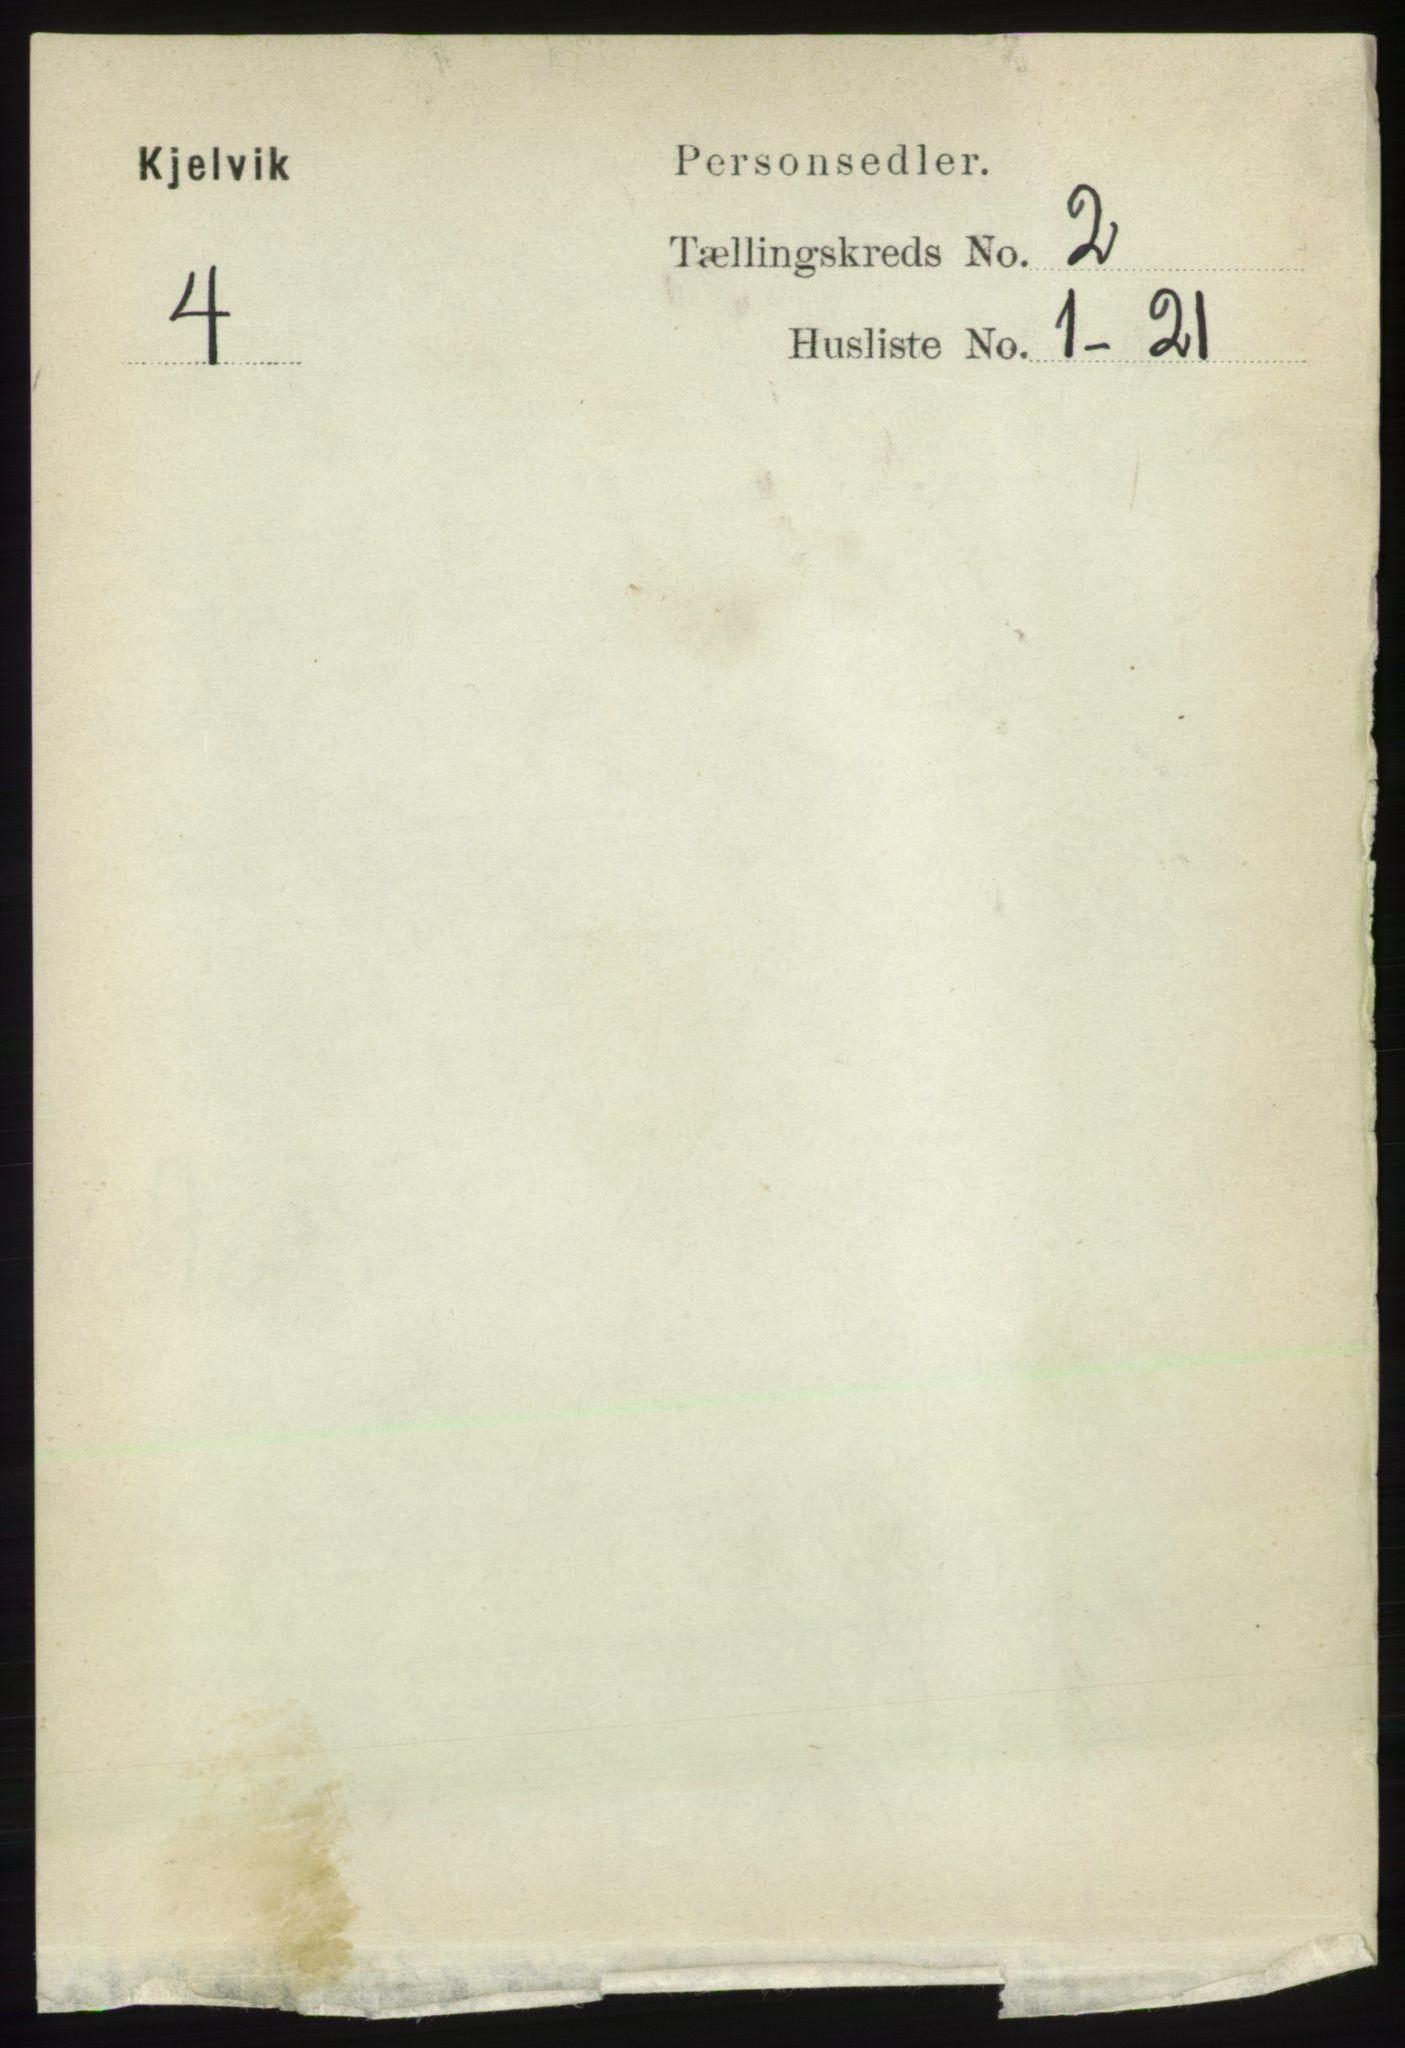 RA, Folketelling 1891 for 2019 Kjelvik herred, 1891, s. 101